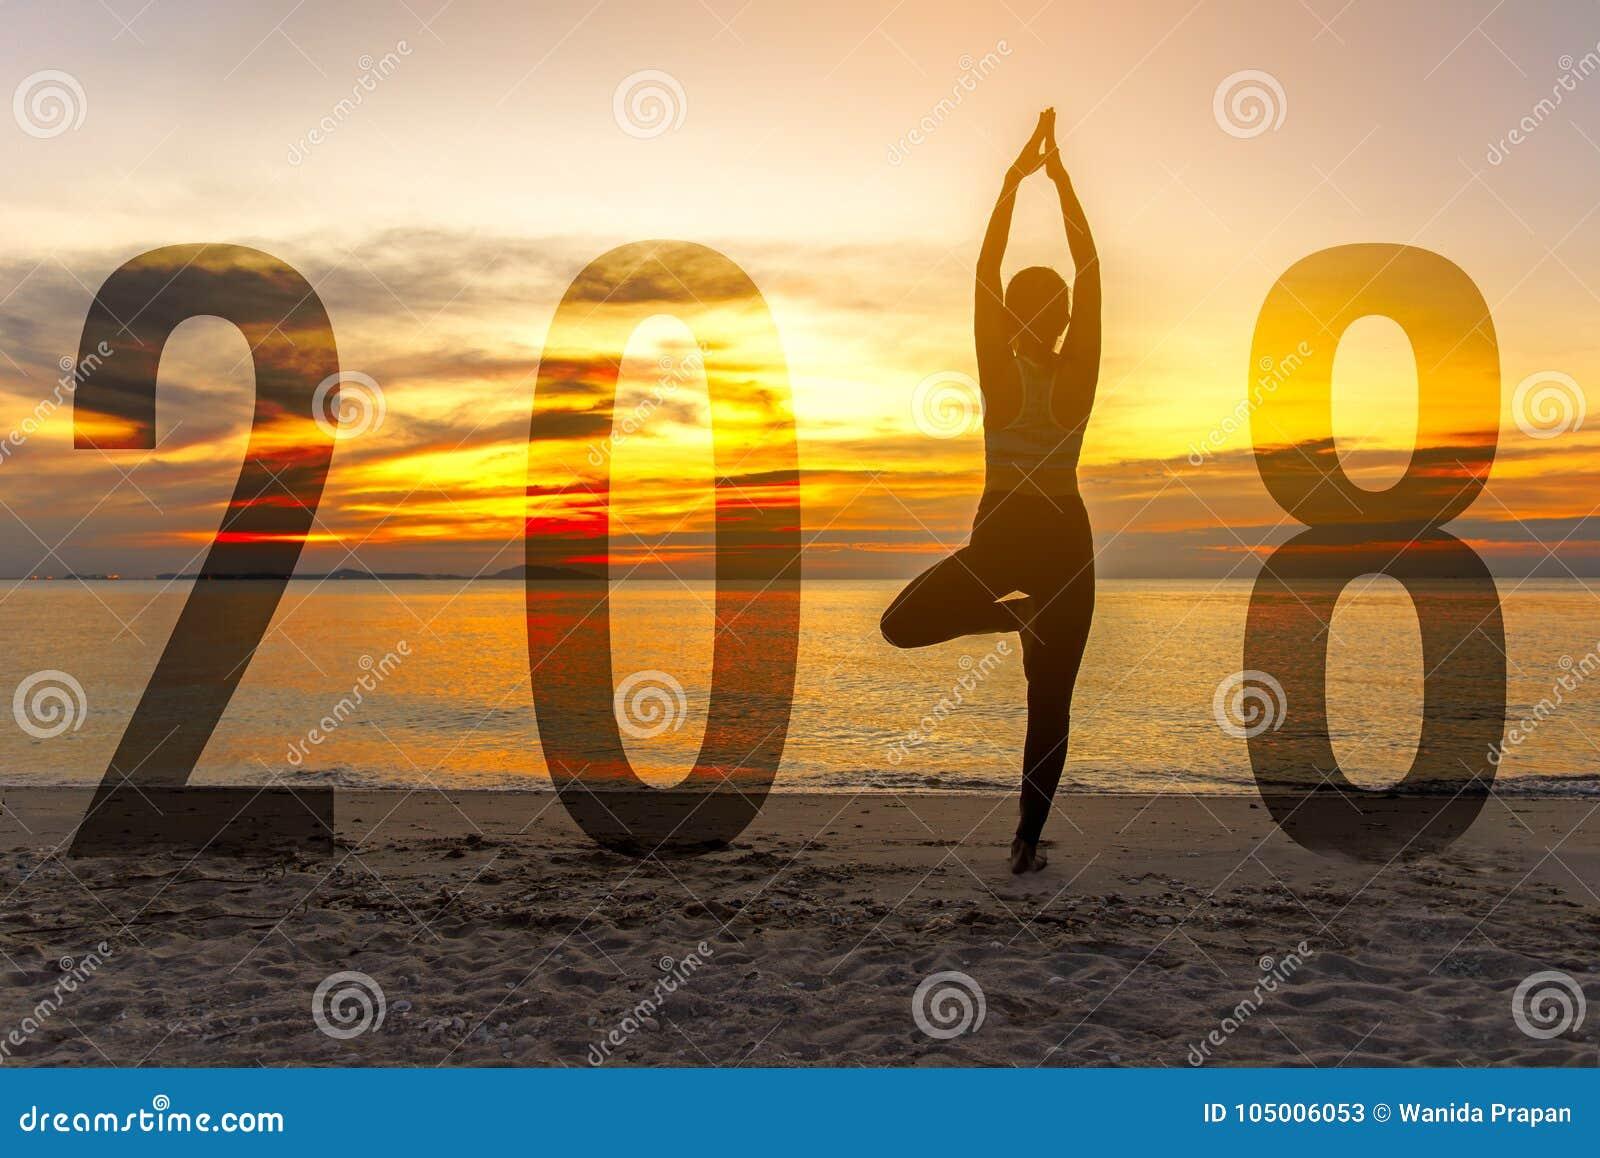 Κάρτα 2018 καλής χρονιάς γιόγκας Γιόγκα άσκησης γυναικών σκιαγραφιών που στέκεται ως τμήμα του αριθμού 2018